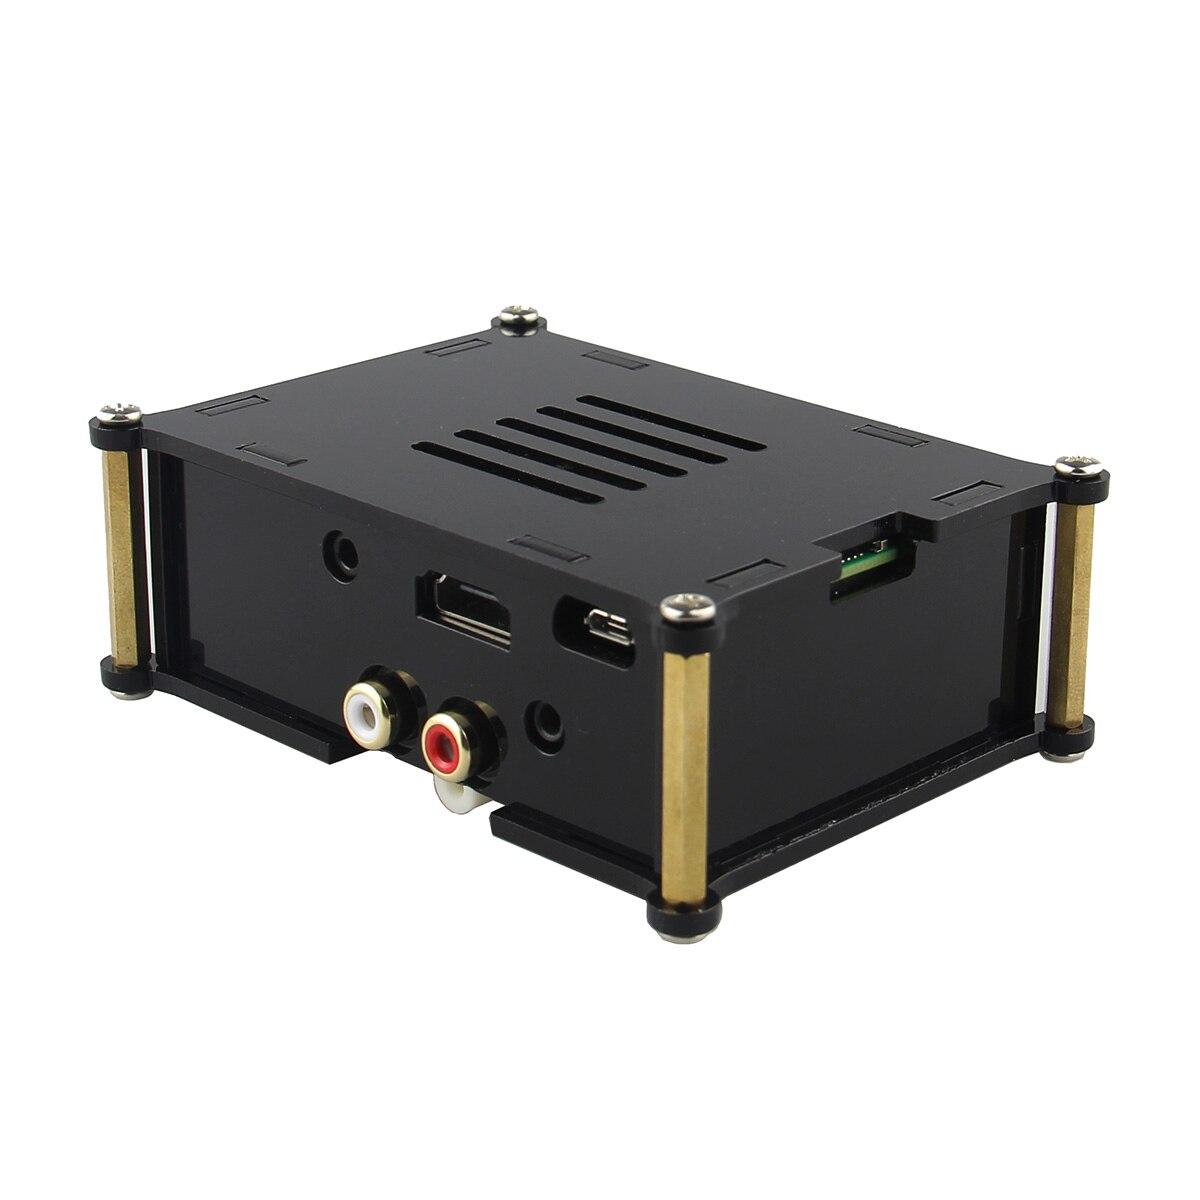 Leory PiFi Pin do Cartão de Áudio Digital De ALTA FIDELIDADE DAC board Com Caso 2 Volumio sistema Para Raspberry Pi Modelo B/ B +/A +